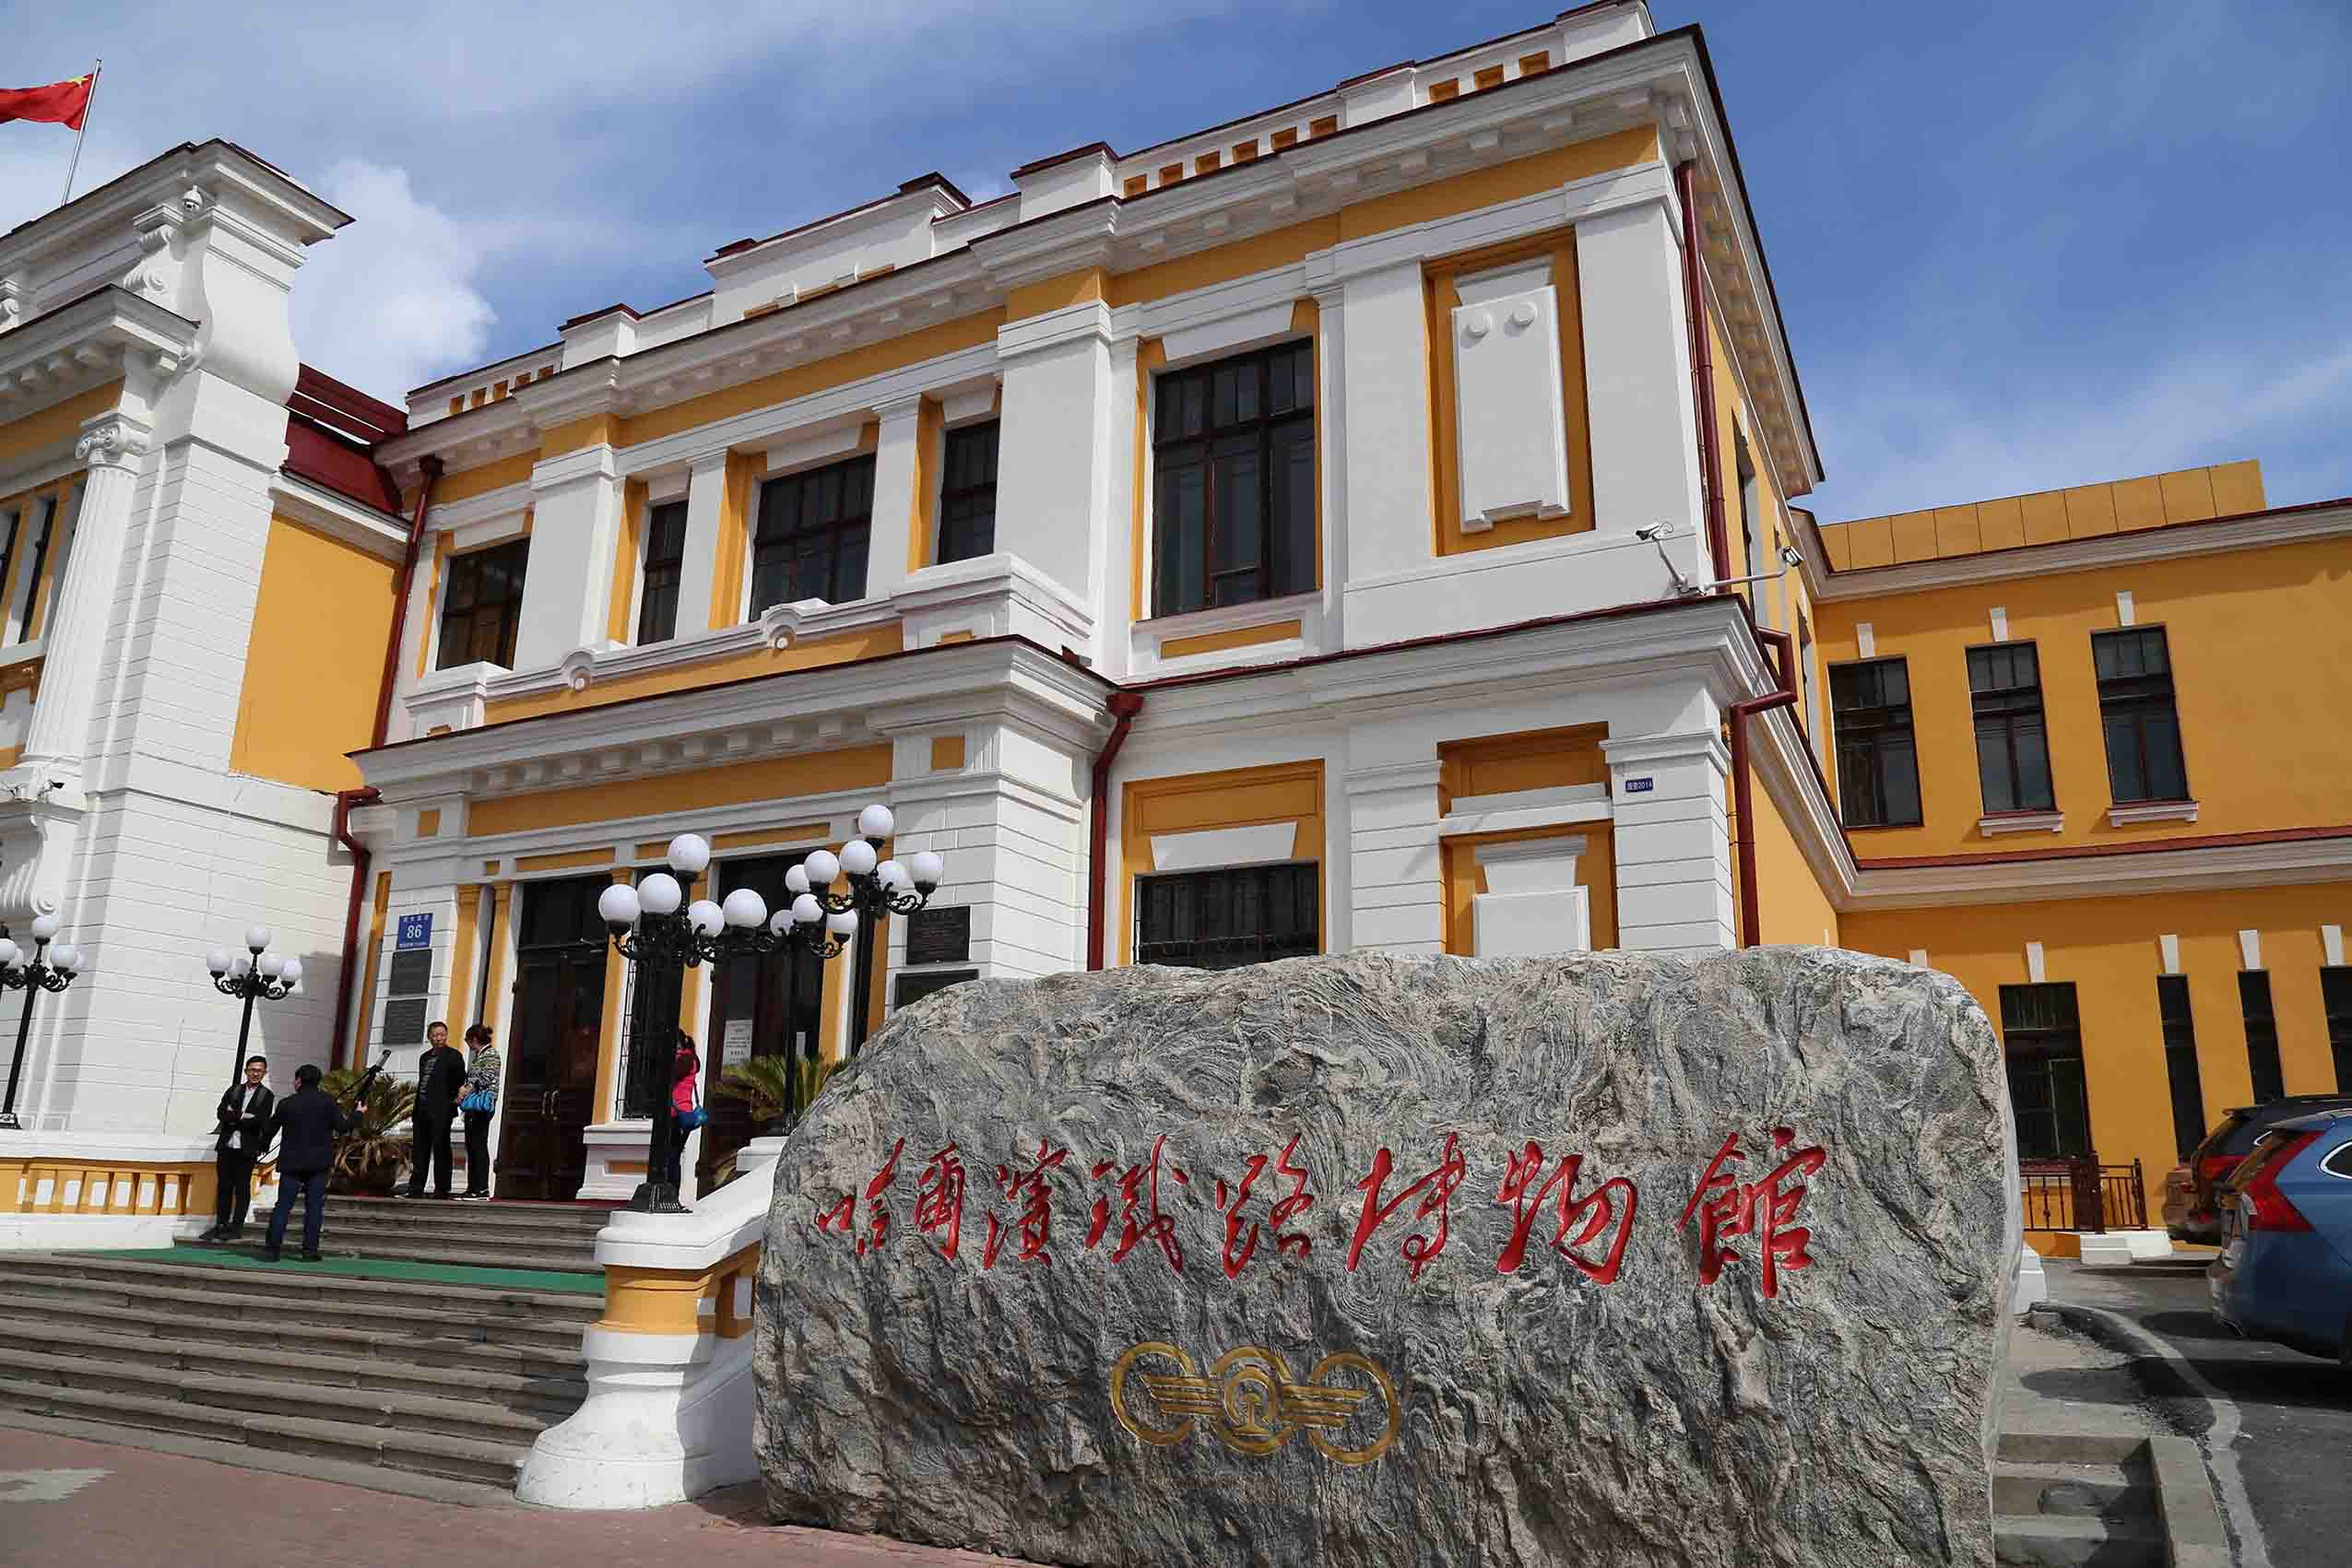 一座哈鐵博物館 一部城市歷史書